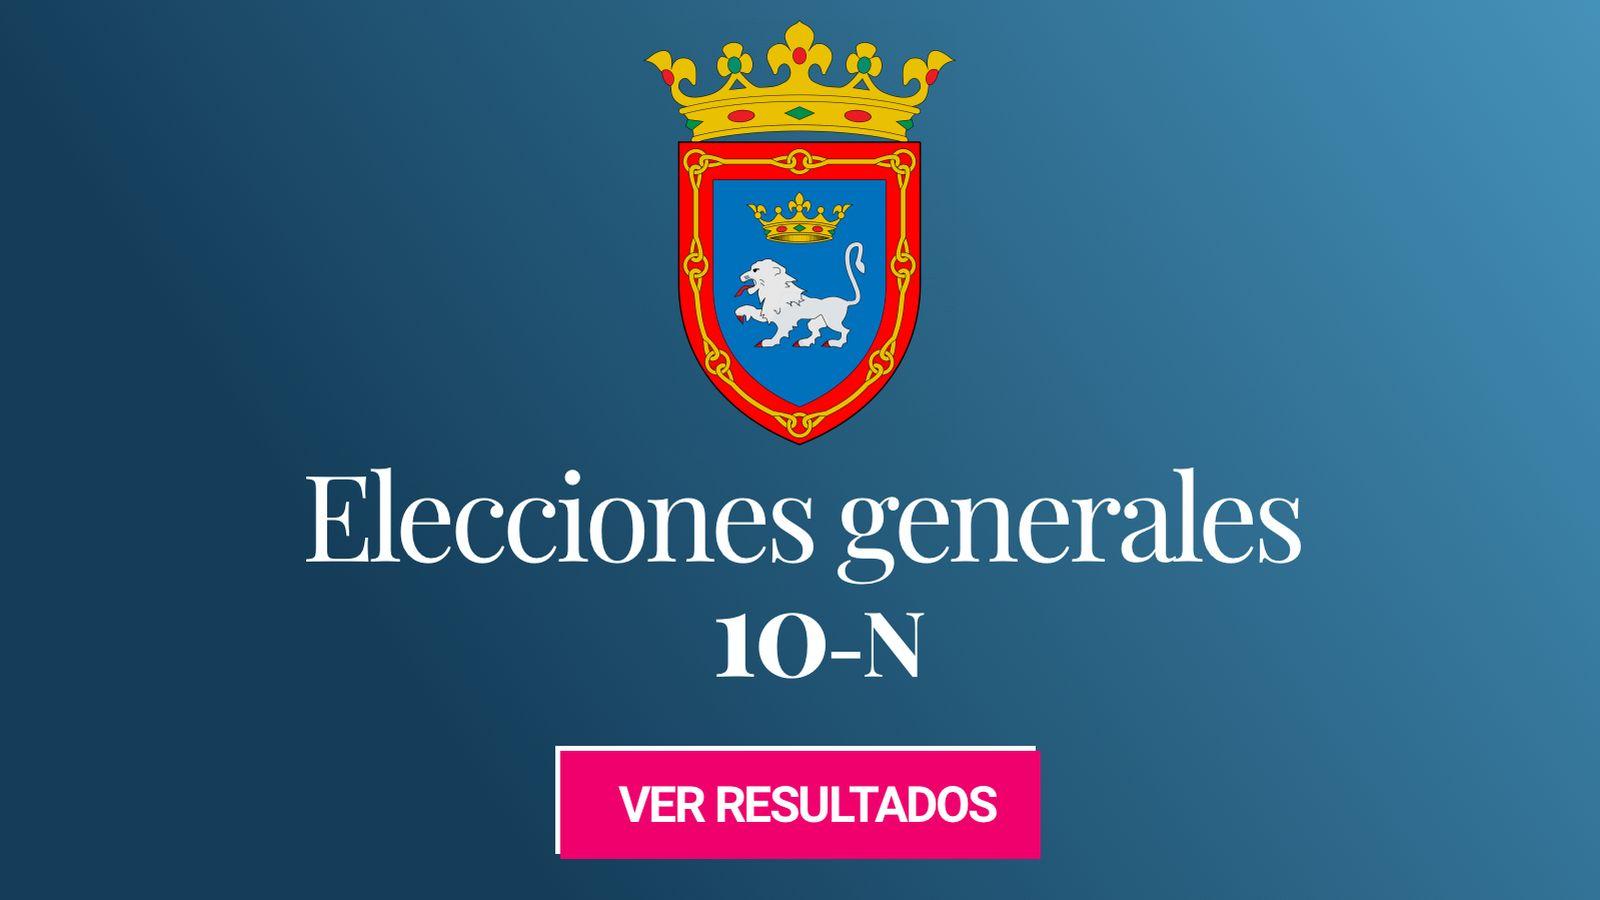 Foto: Elecciones generales 2019 en Pamplona. (C.C./EC)